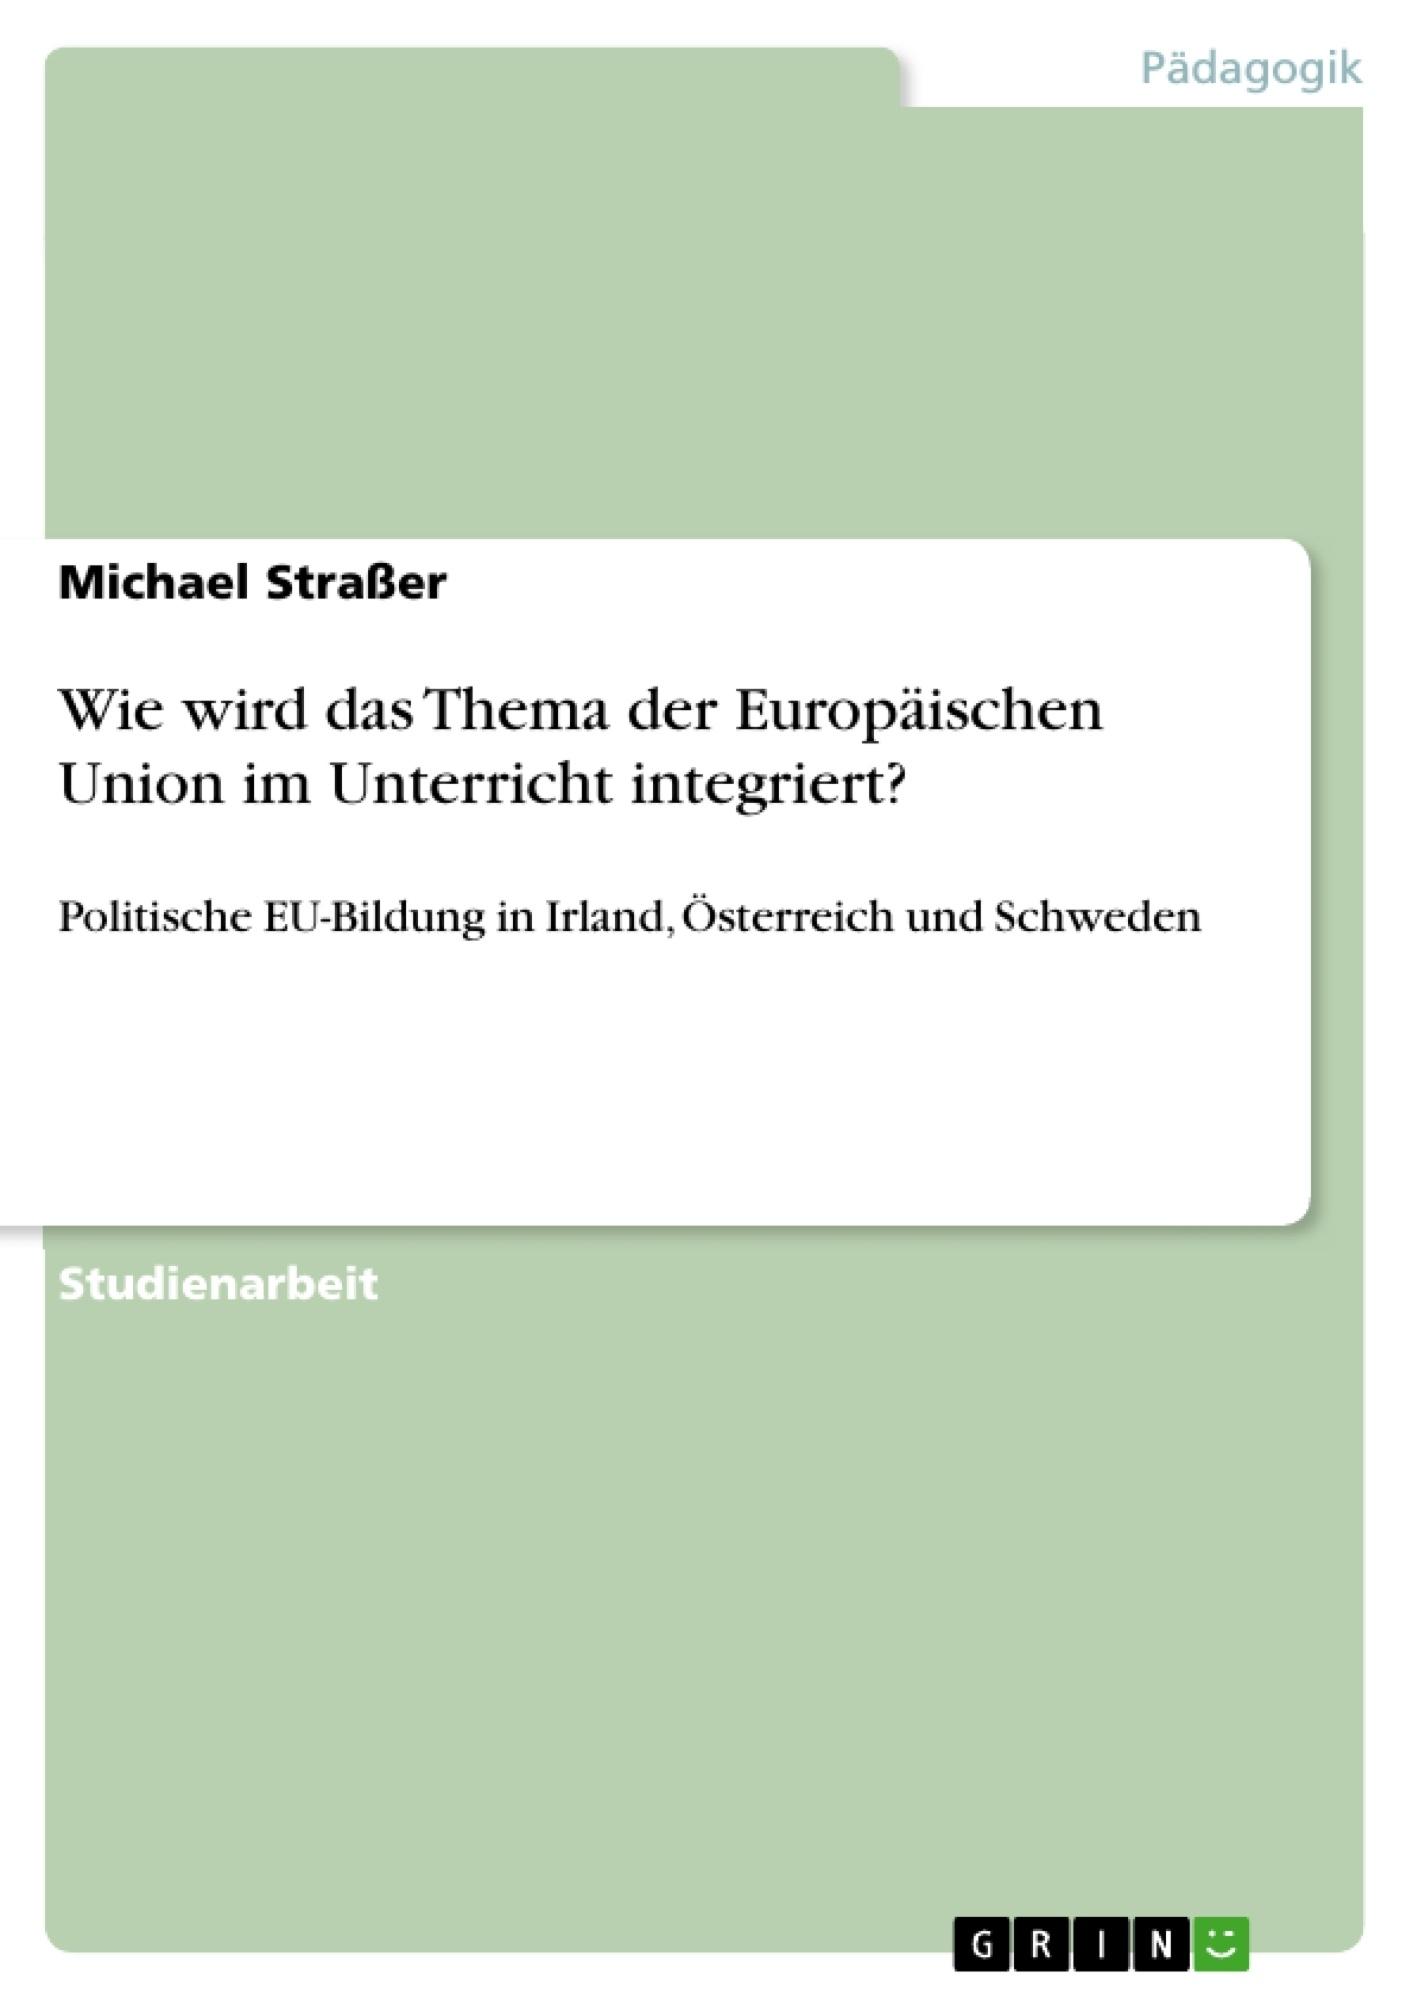 Titel: Wie wird das Thema der Europäischen Union im Unterricht integriert?